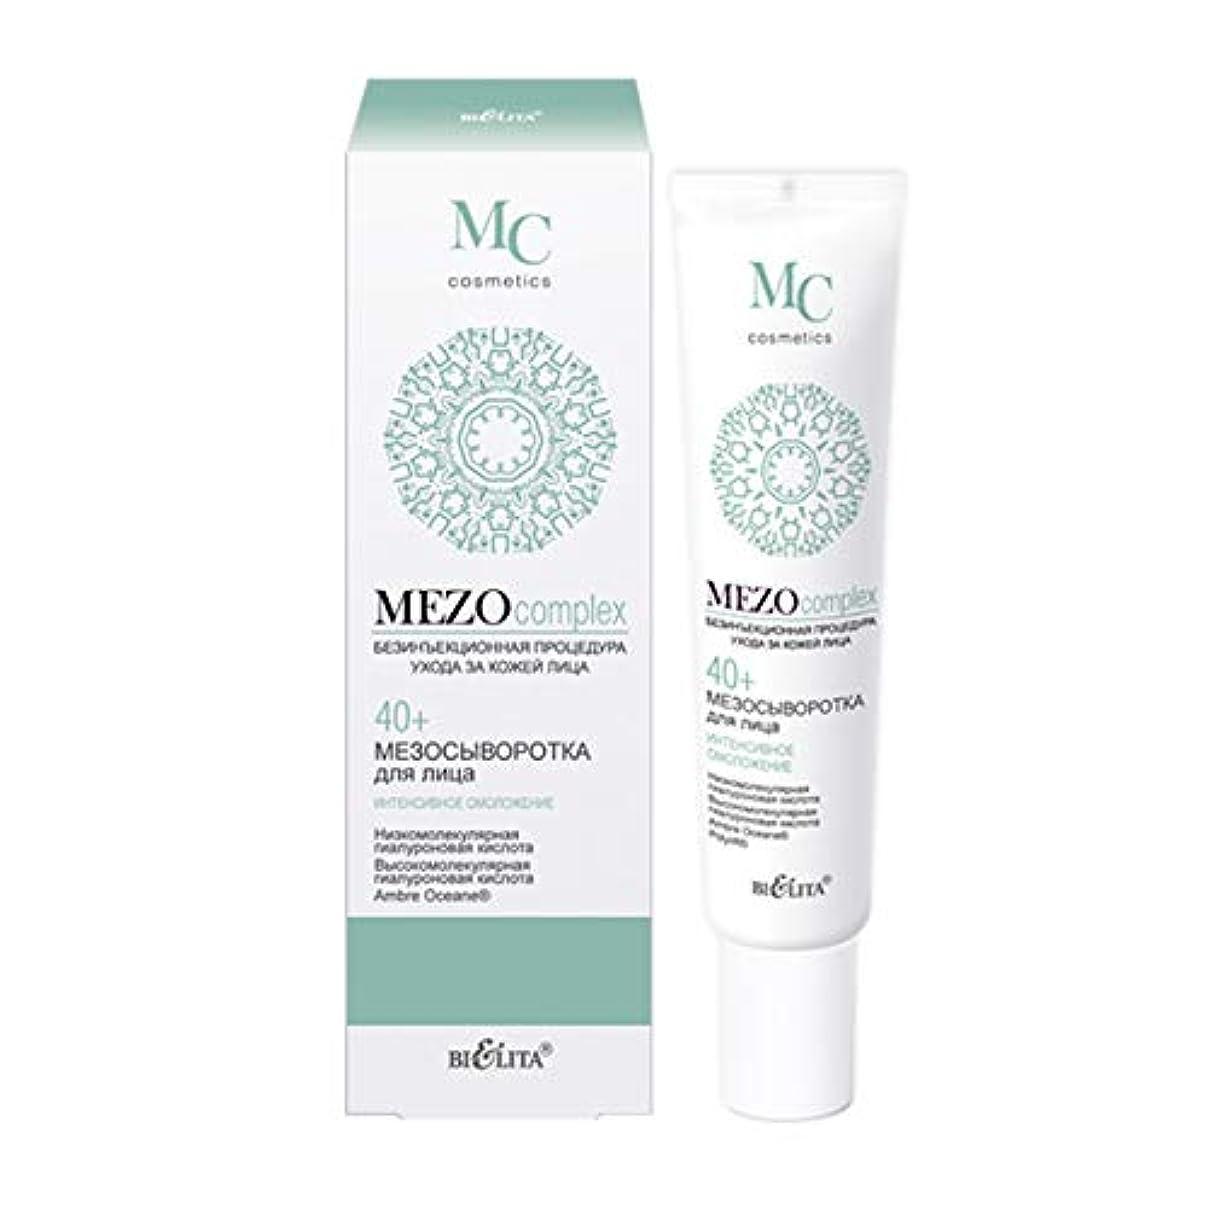 かもめ倍増外交官Mezo complex Serum Intensive Rejuvenation 40+ | Non-injection facial skin care procedure | Ambre Oceane | Polylift | hyaluronic acid | active formula | 20 ml